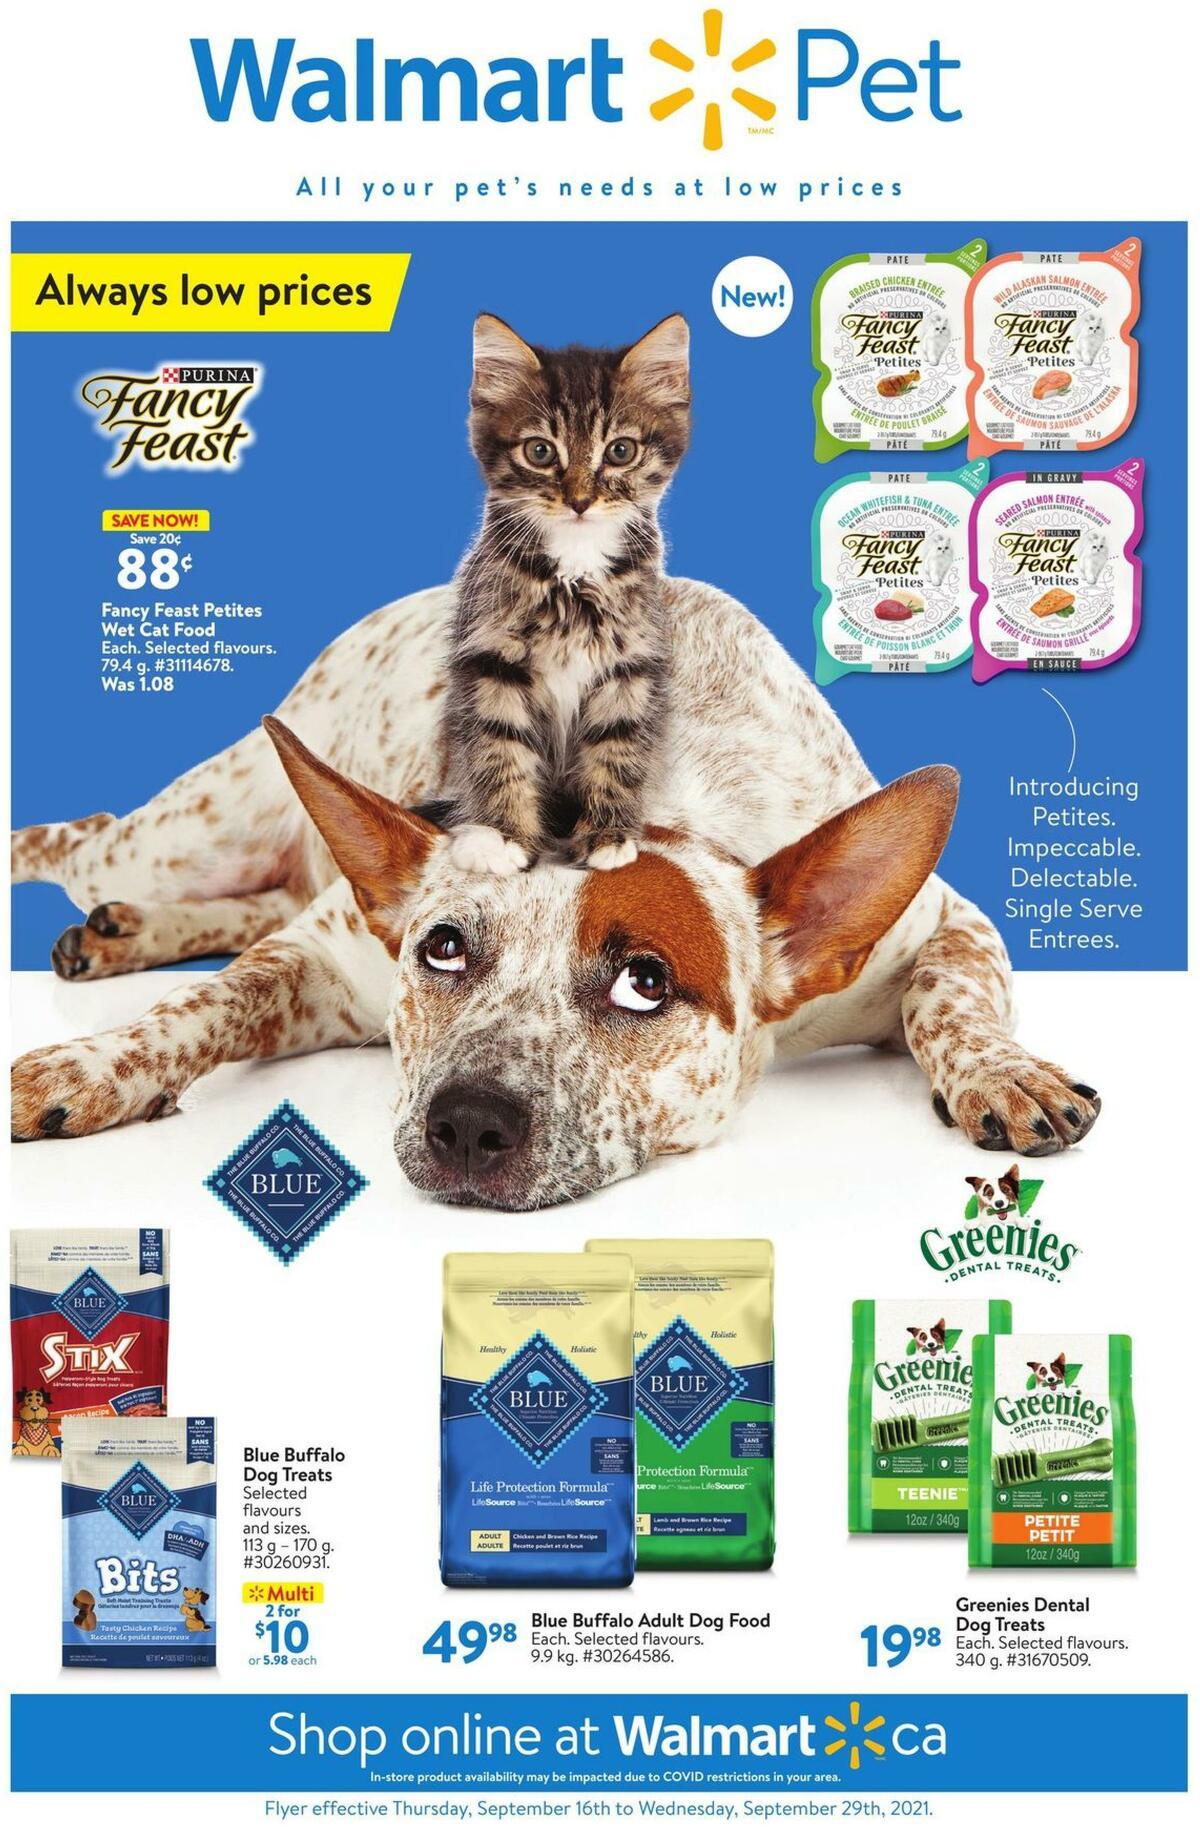 Walmart Pet Flyer from September 16